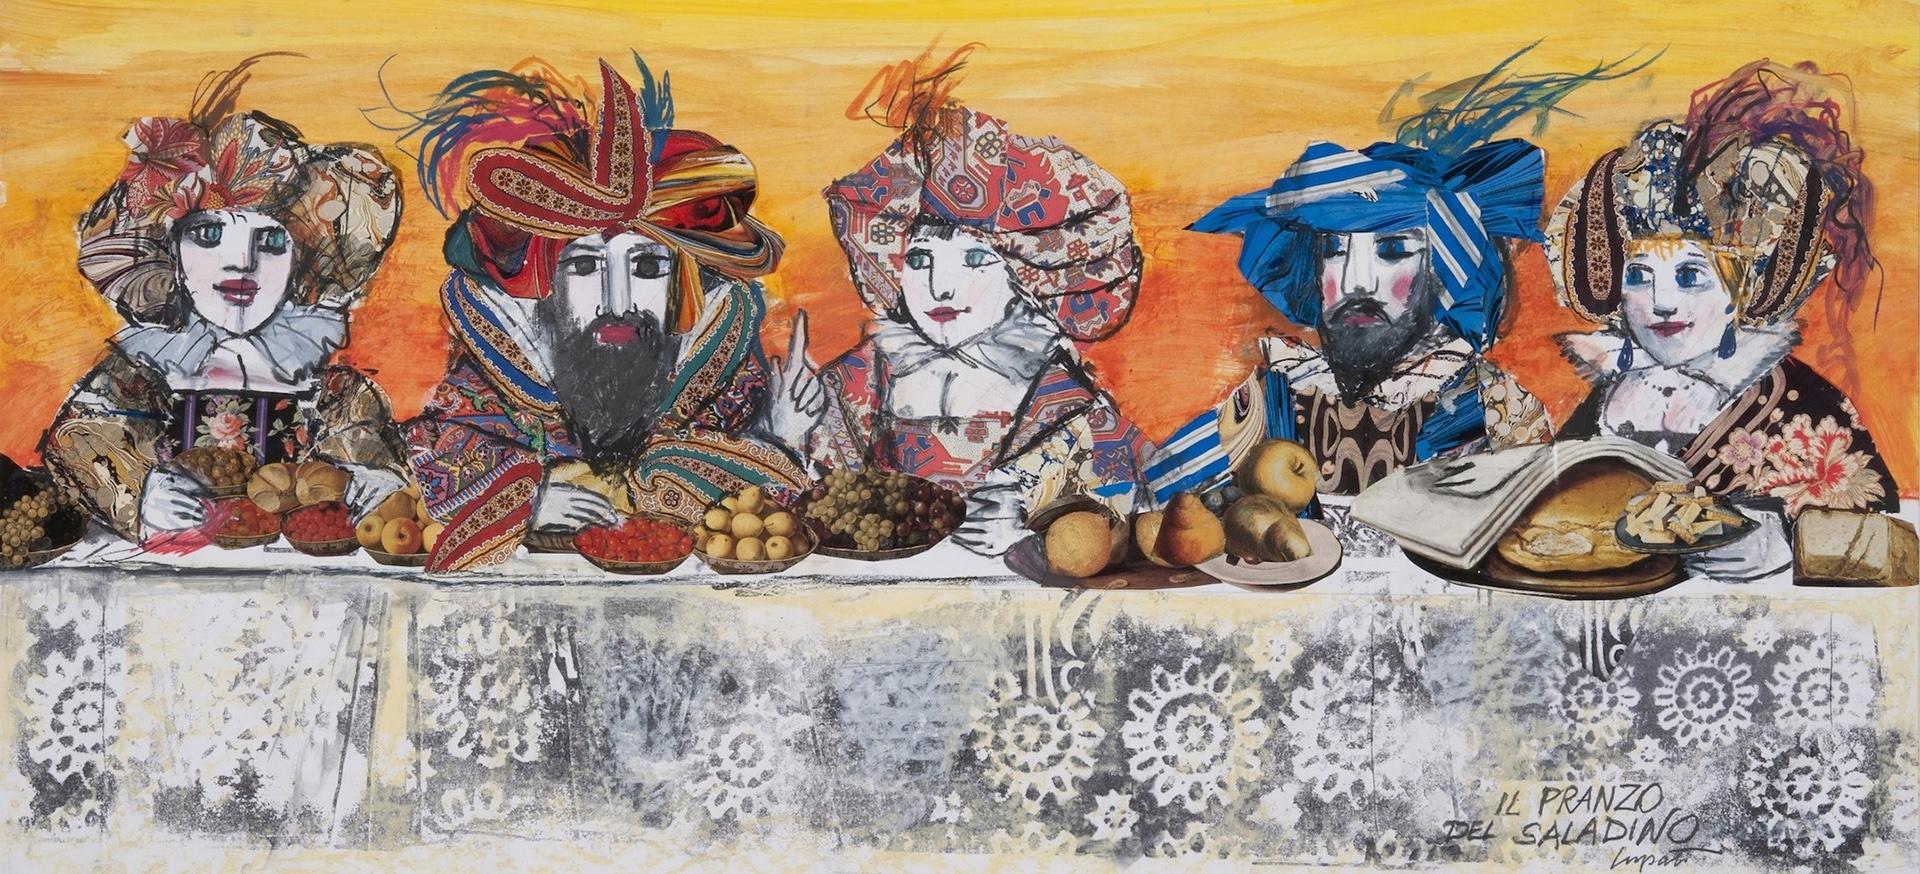 Il pranzo di Saladino, 1985, pastello e collage su carta, cm 46 x 100